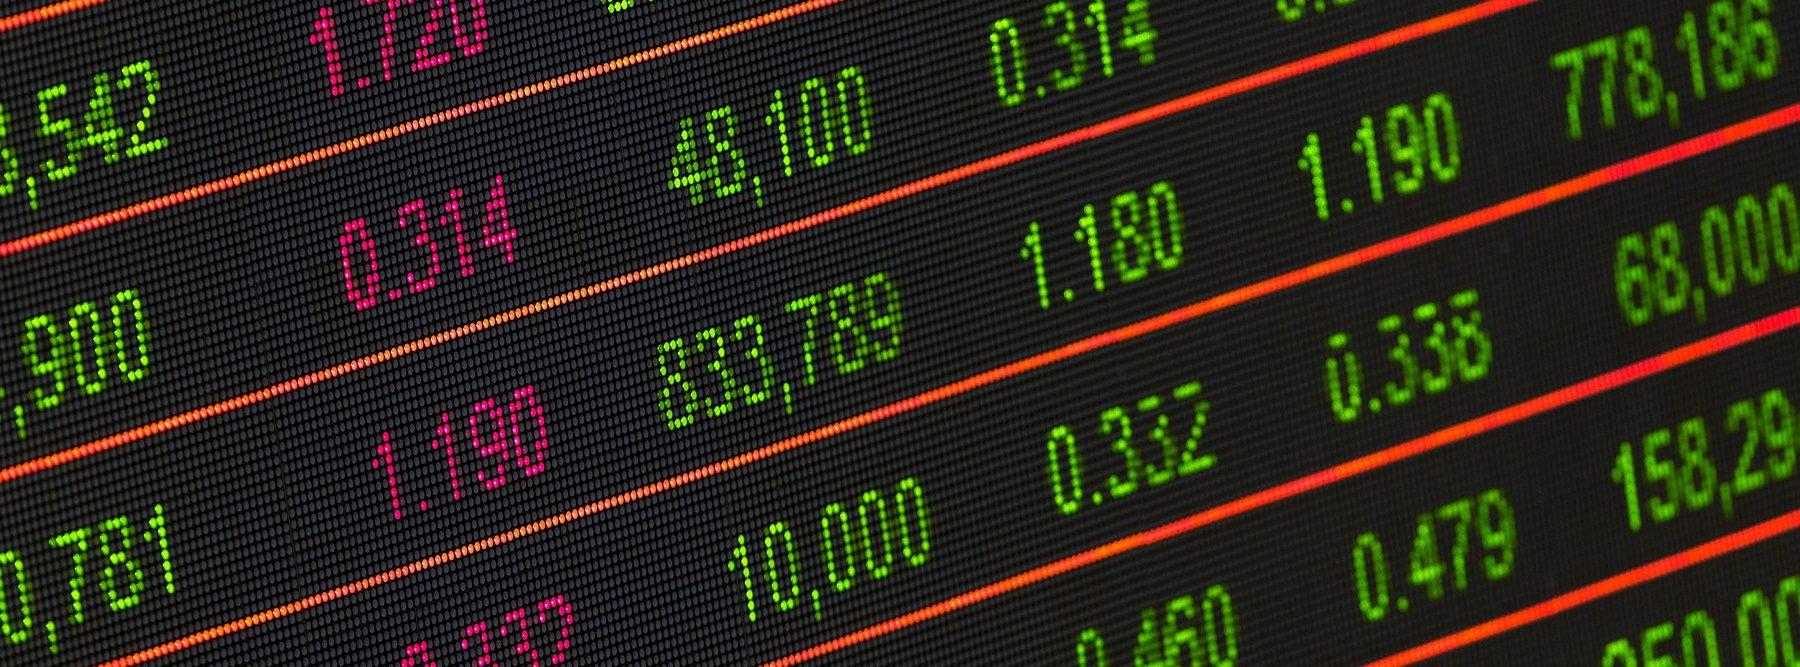 Cómo predecir tendencias socioeconómicas con trazas digitales